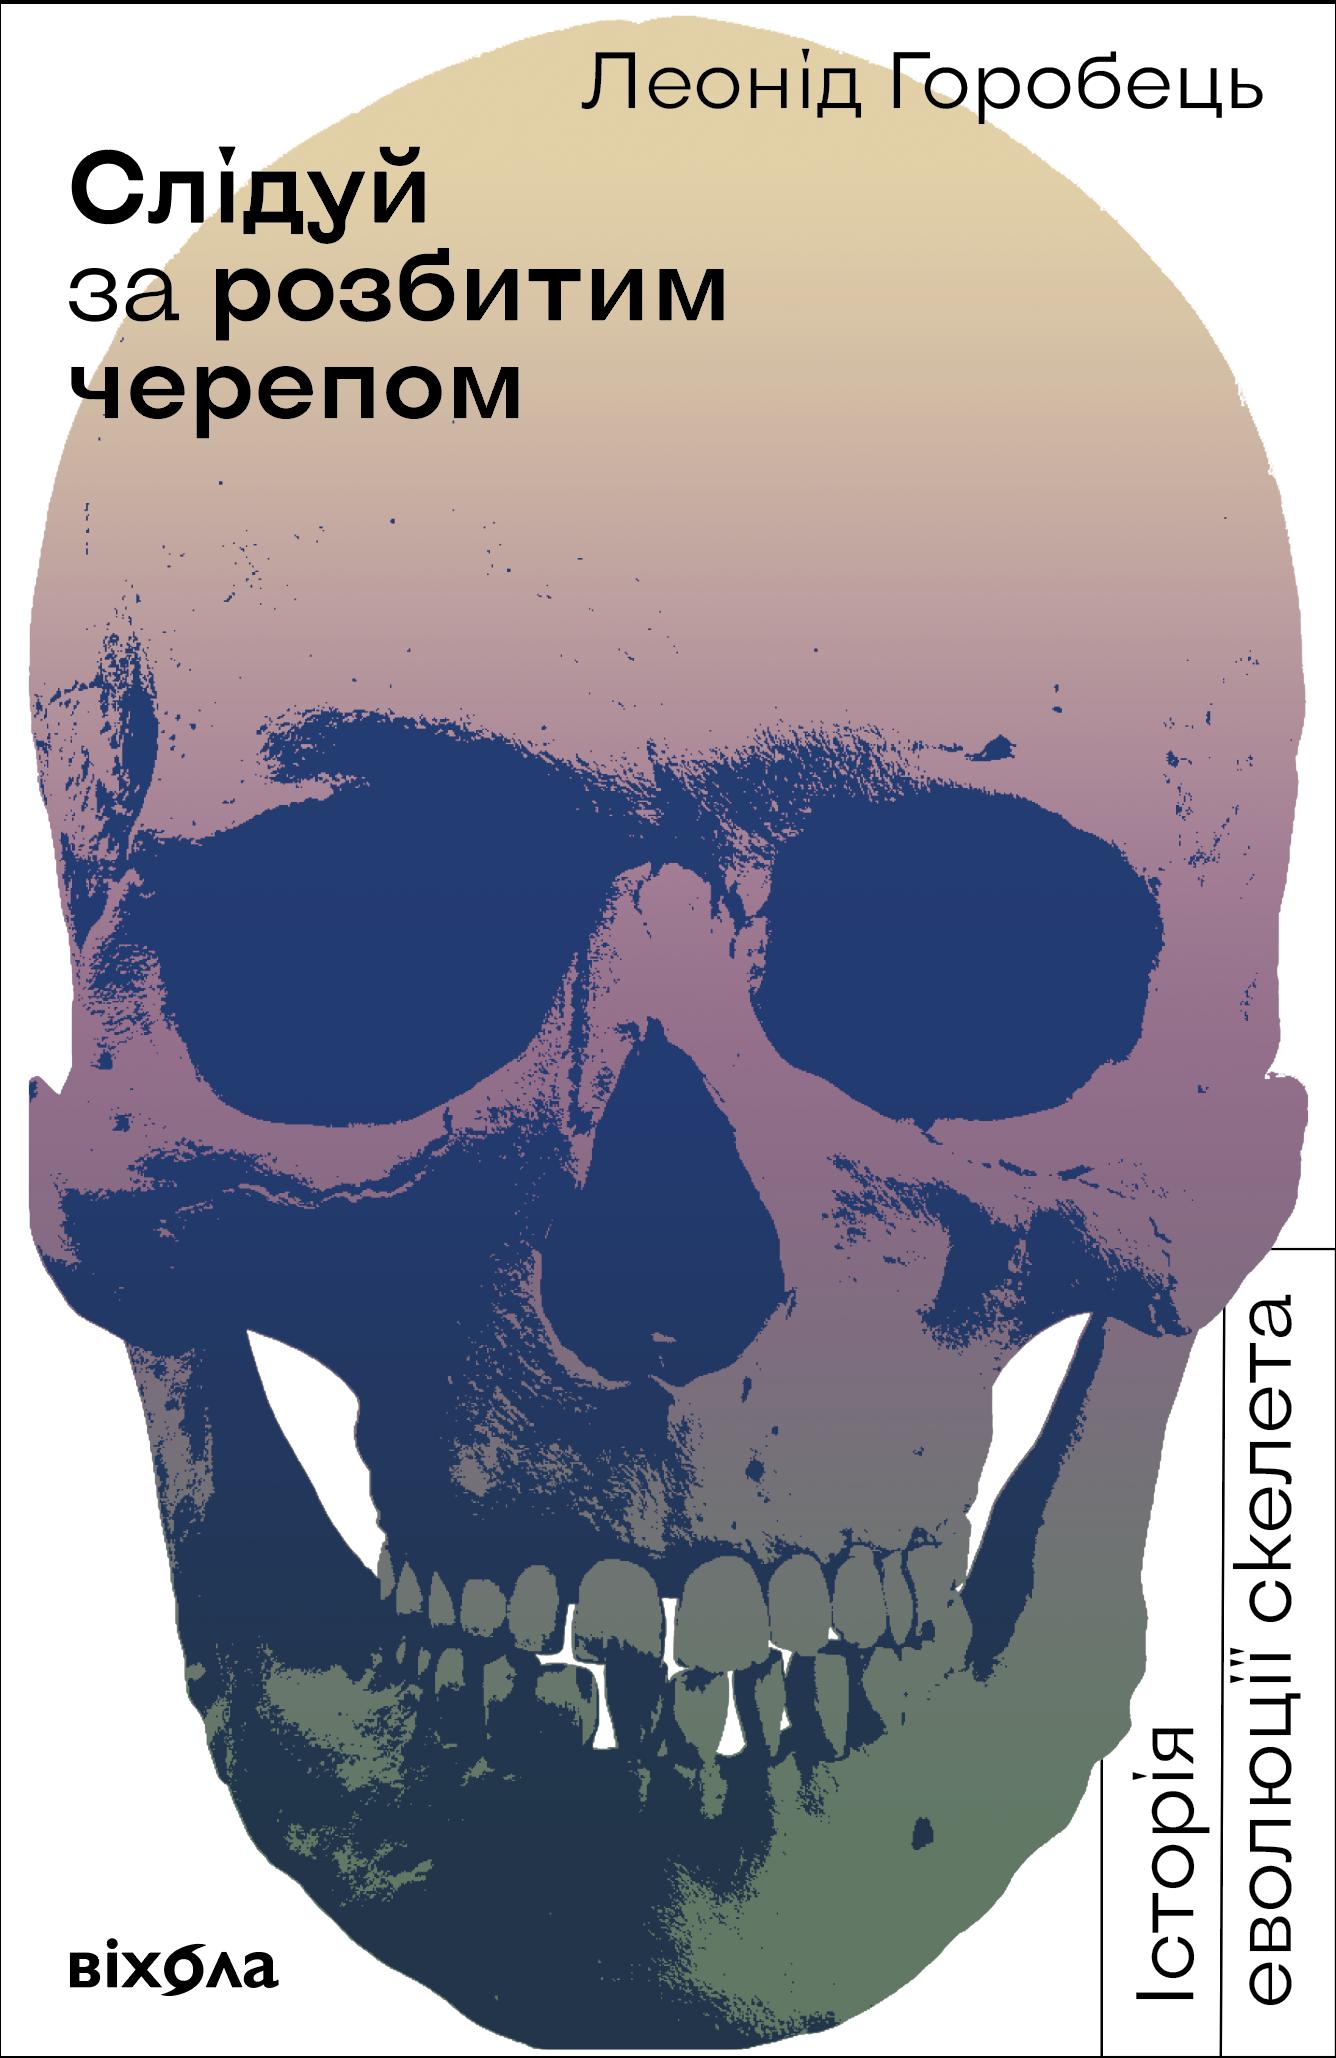 Леонід Горобець Слідуй за розбитим черепом: історія еволюції скелета